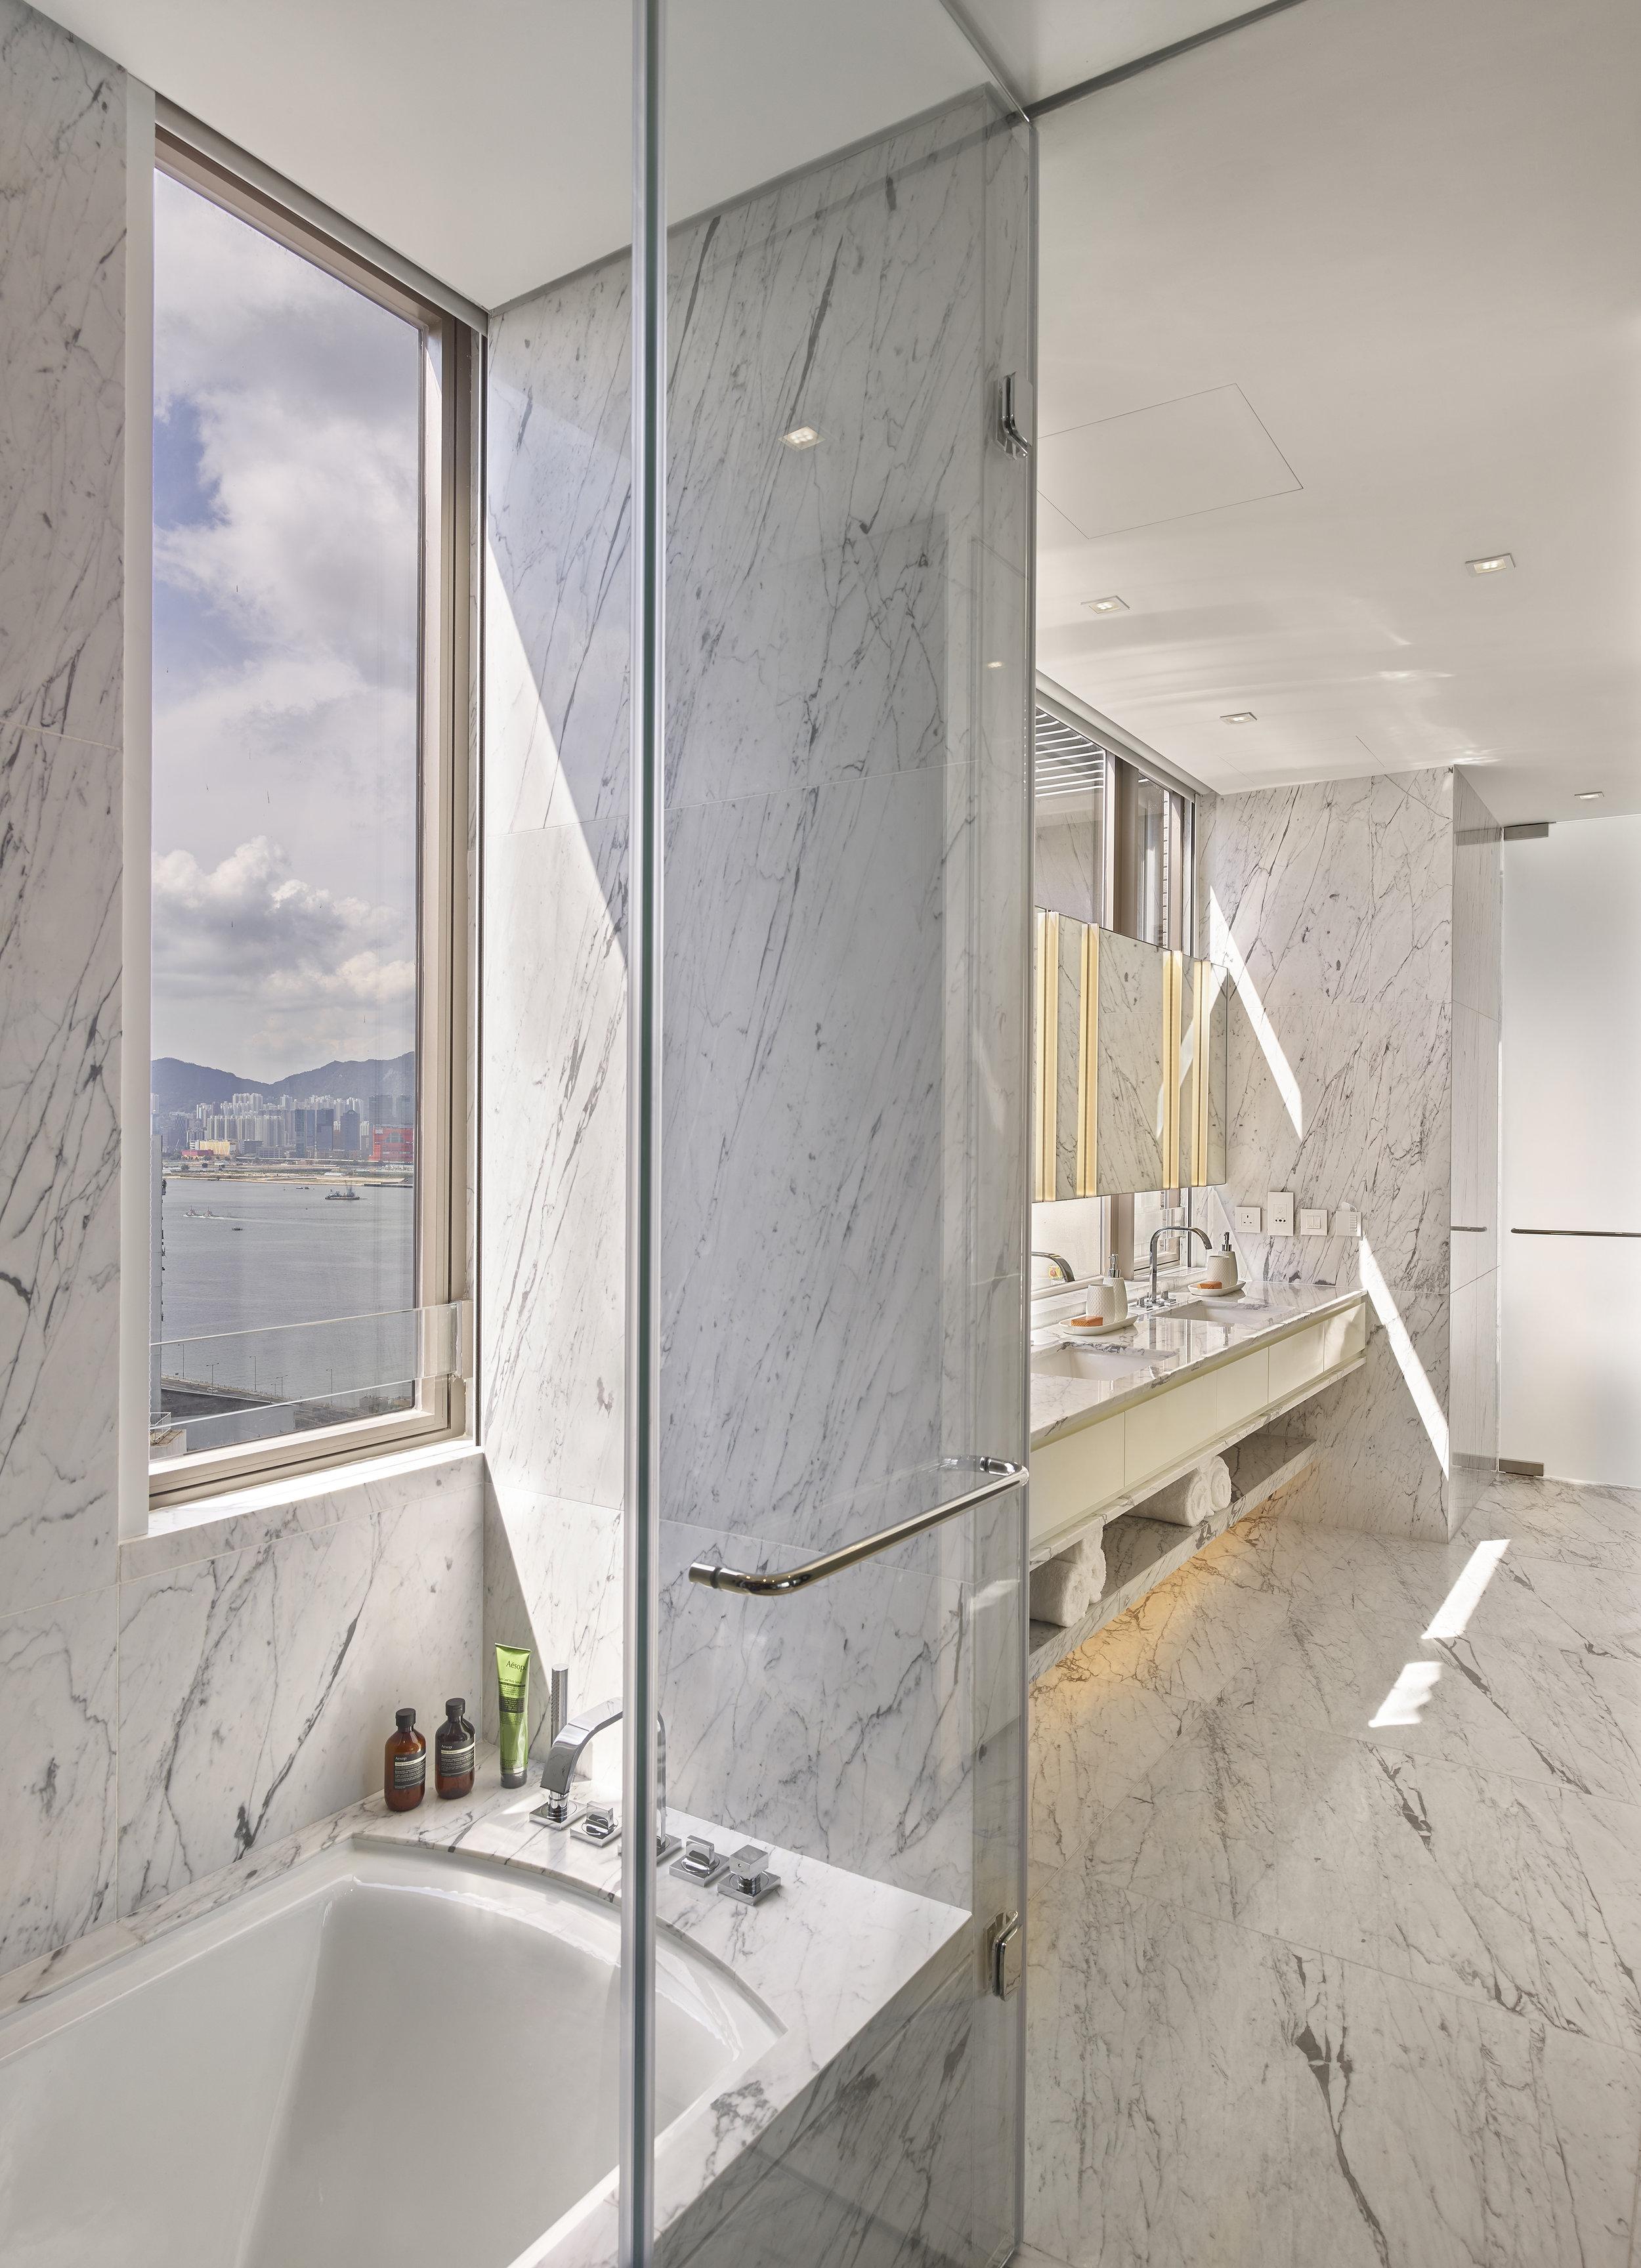 Penthouse A Bathroom.jpg